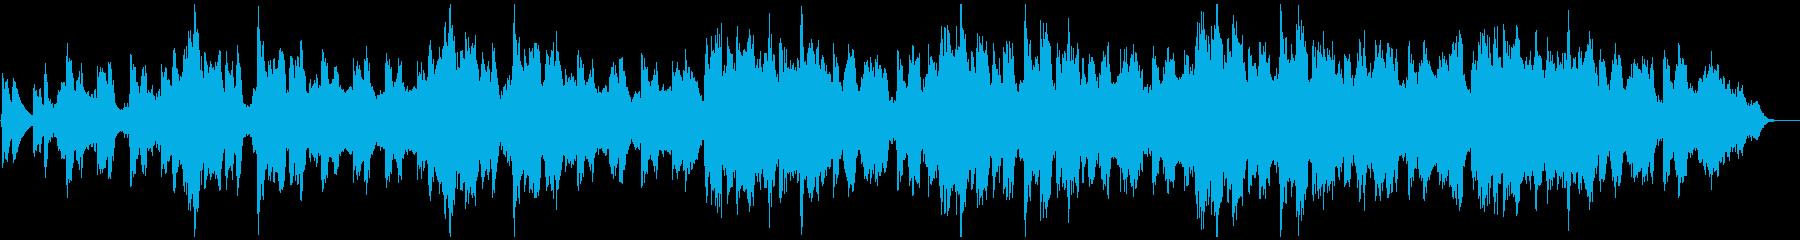 ファンタジーな森のゲーム散策時風BGMの再生済みの波形